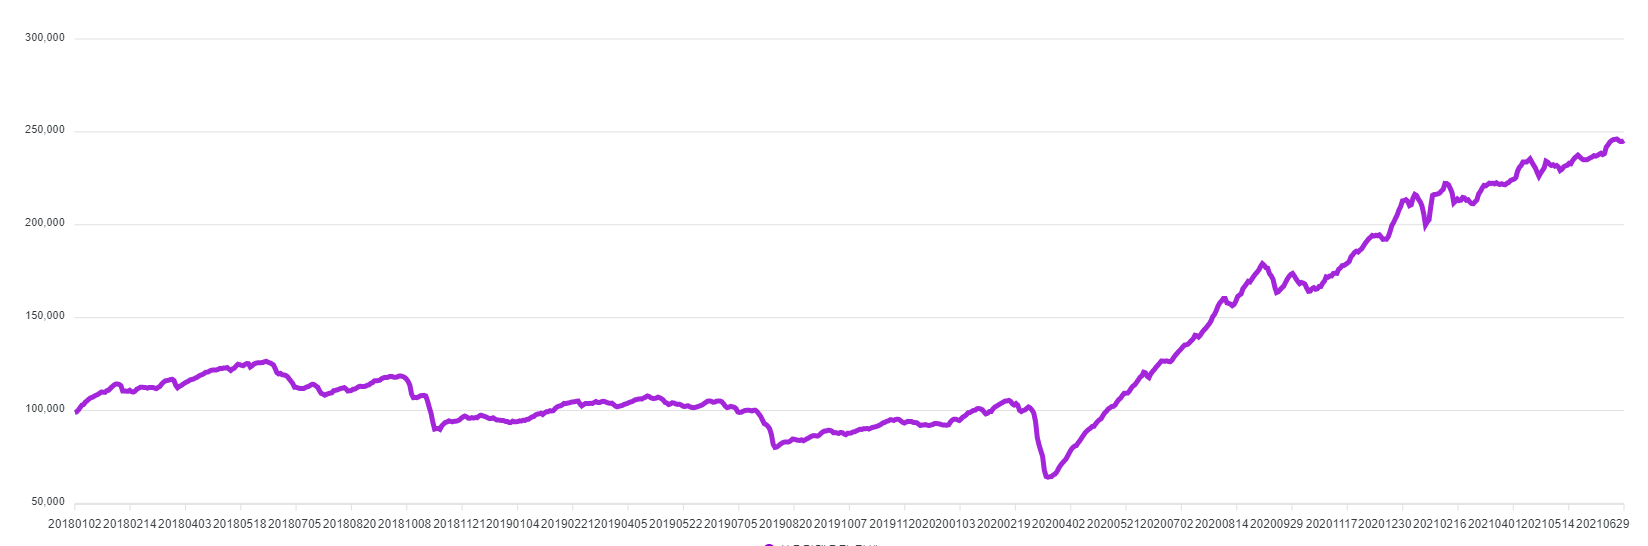 2018년 이후 최근까지 신용융자 잔액 추이, 자료 참조 : 금융투자협회 통계